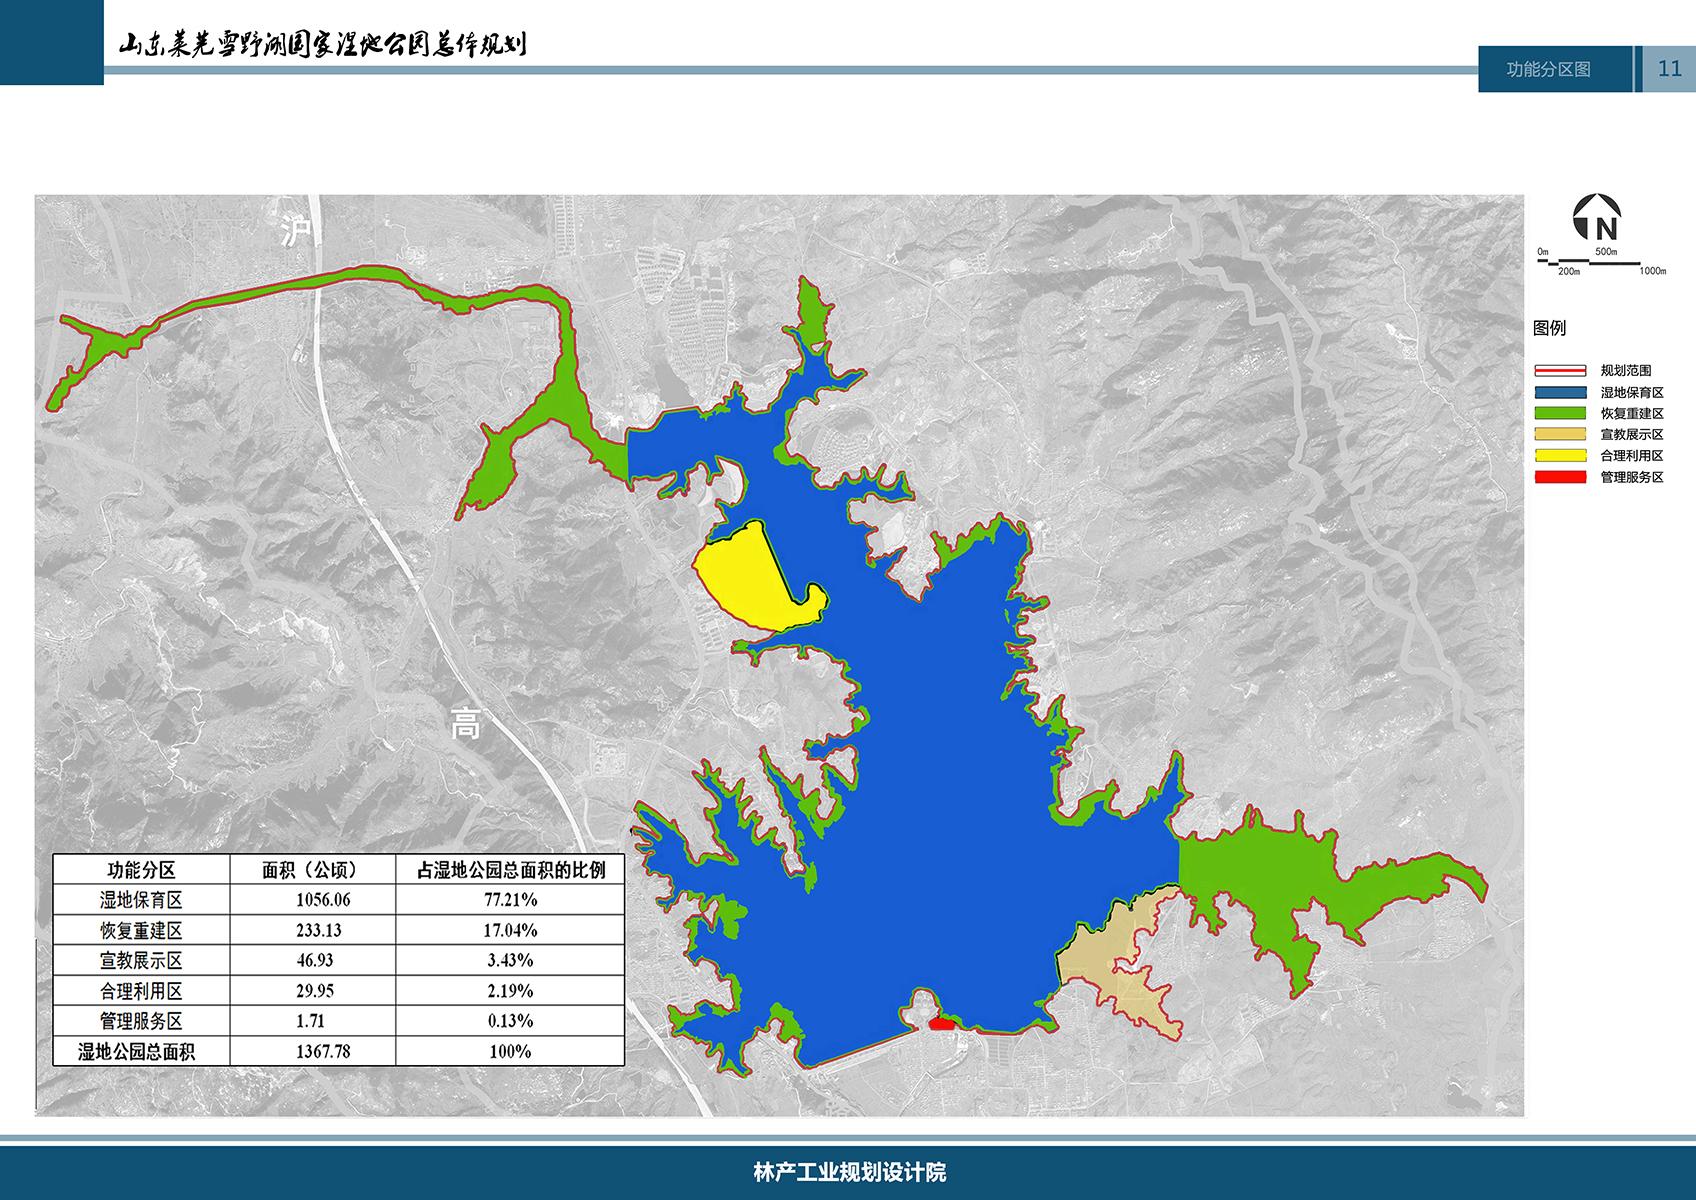 山东省莱芜市卫星地图展示